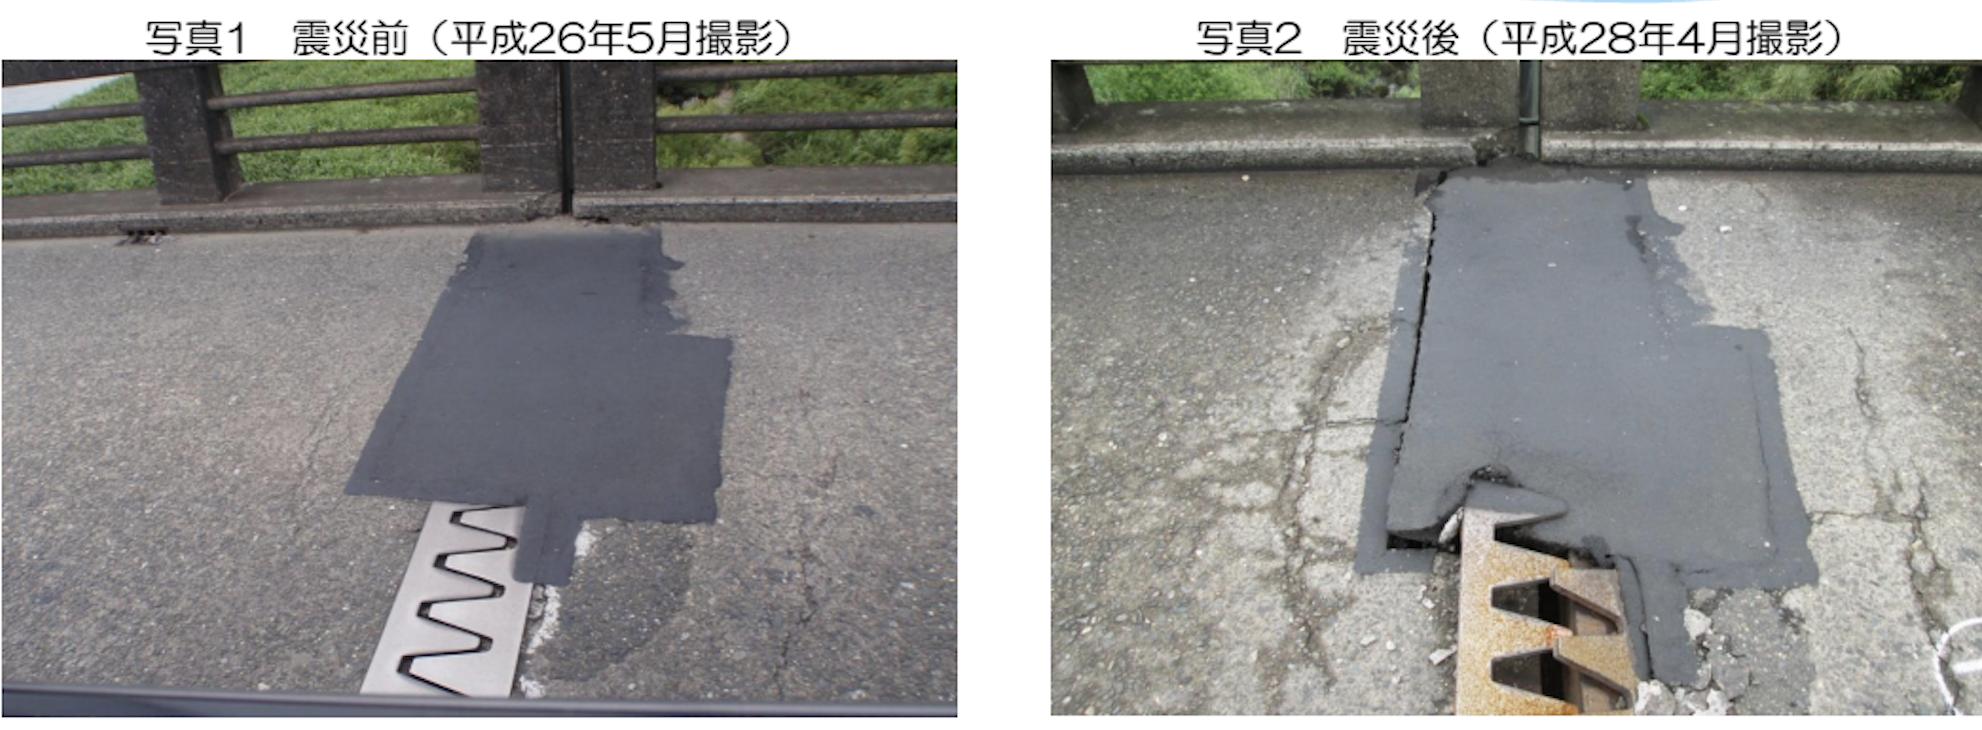 熊本地震の影響